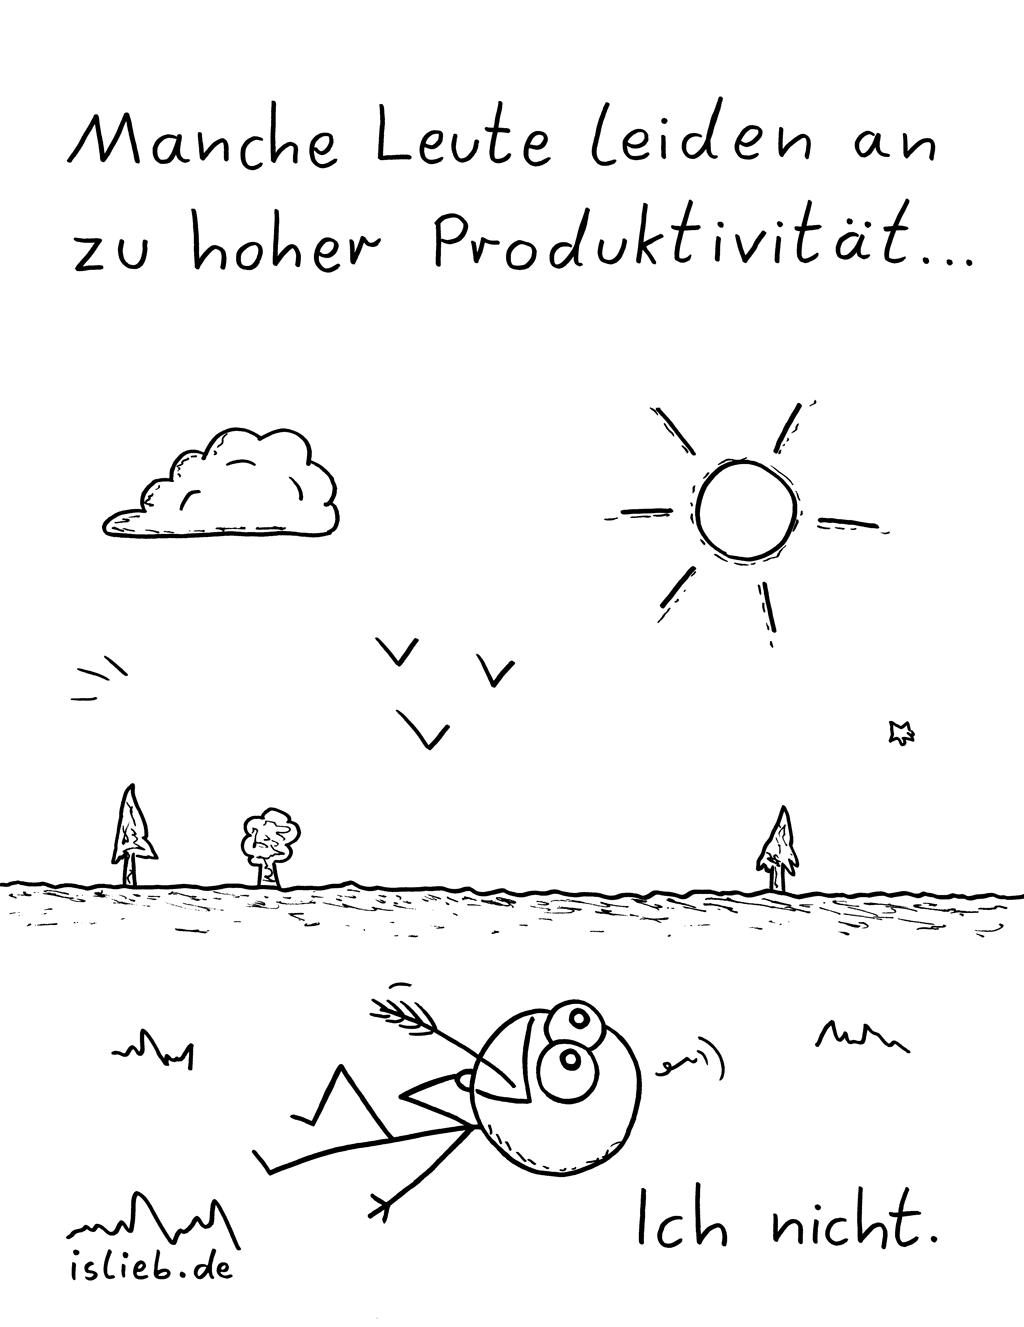 Manche Leute | Freizeit-Cartoon | is lieb? | Manche Leute leiden an zu hoher Produktivität. Ich nicht. | Arbeit, Faulheit, chillen, Workaholics, Stress, entspannen, Entspannung, Vergnügen